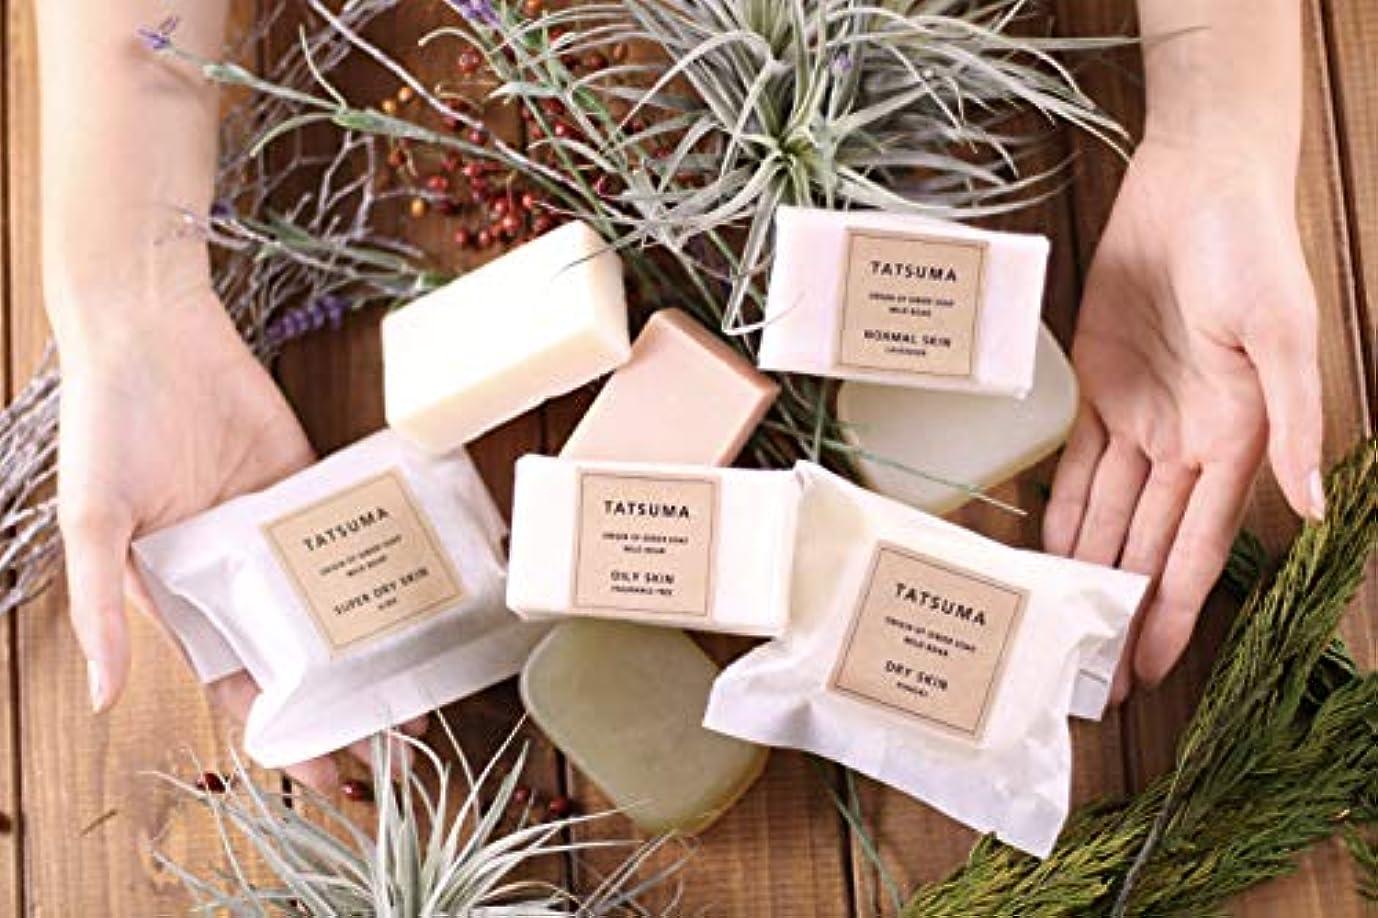 にバリケードシチリアTATSUMA SOAP 動物性オイルの無添加石鹸 NORMAL SKIN 普通肌さん ラベンダーの香(80g)